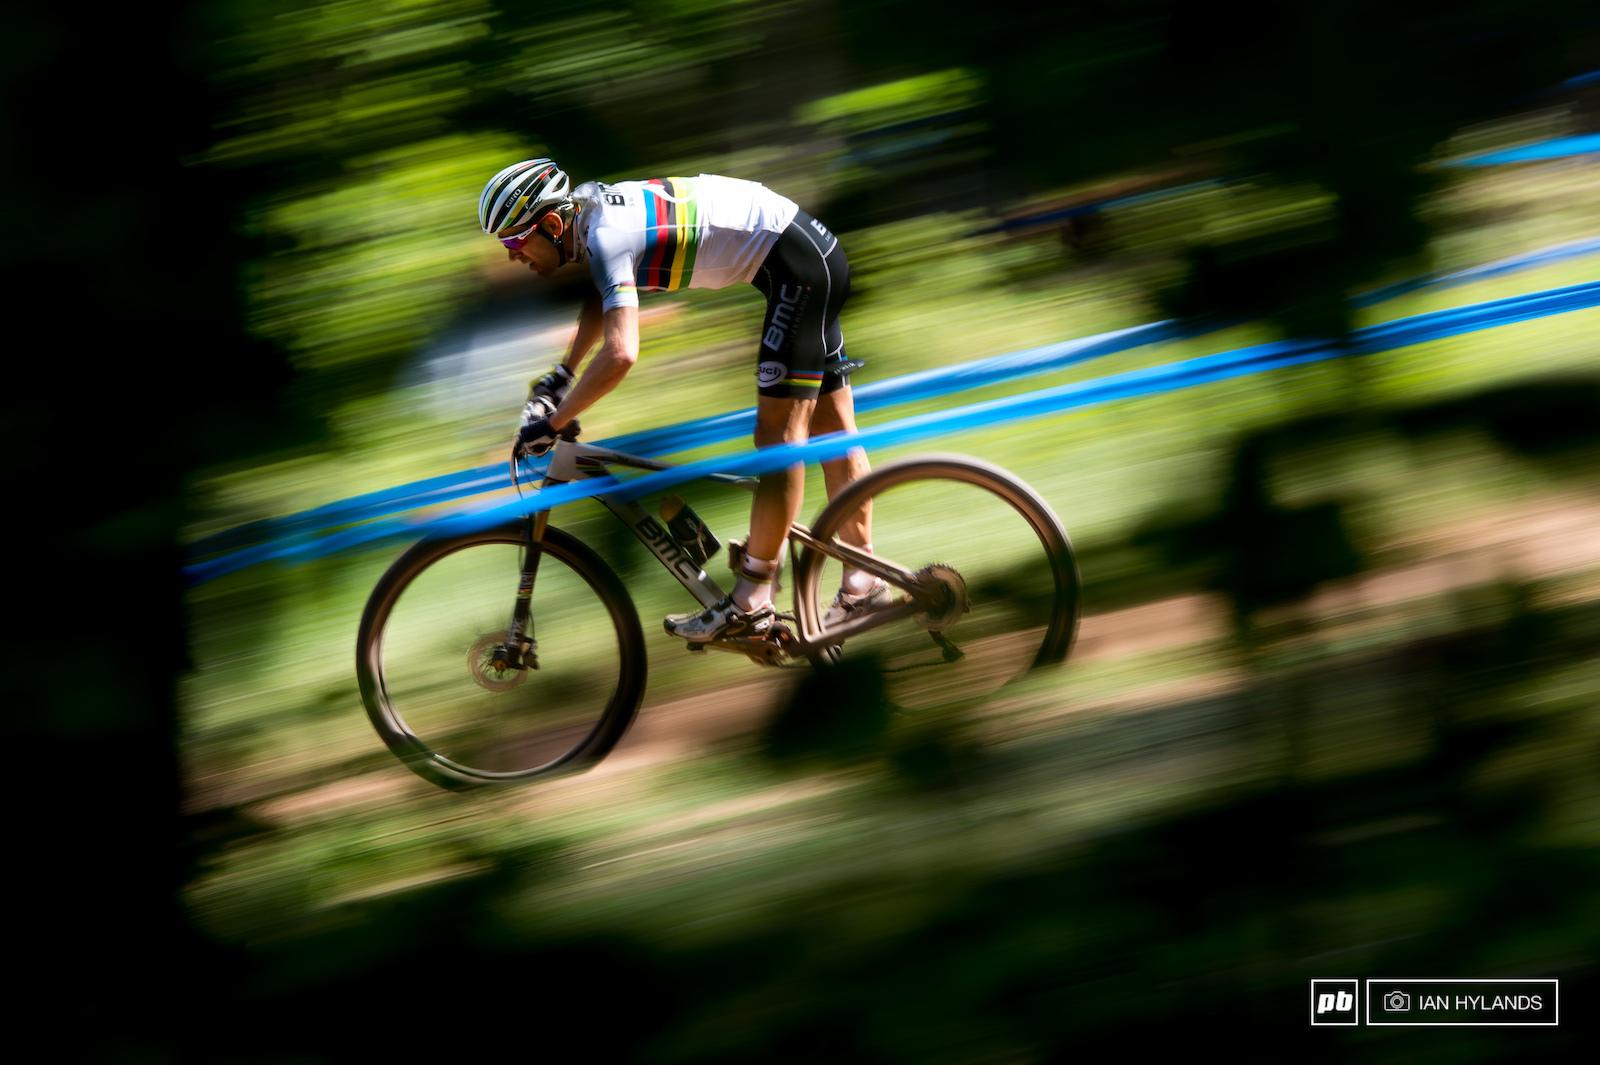 Julian Absalon takes a turn in the lead